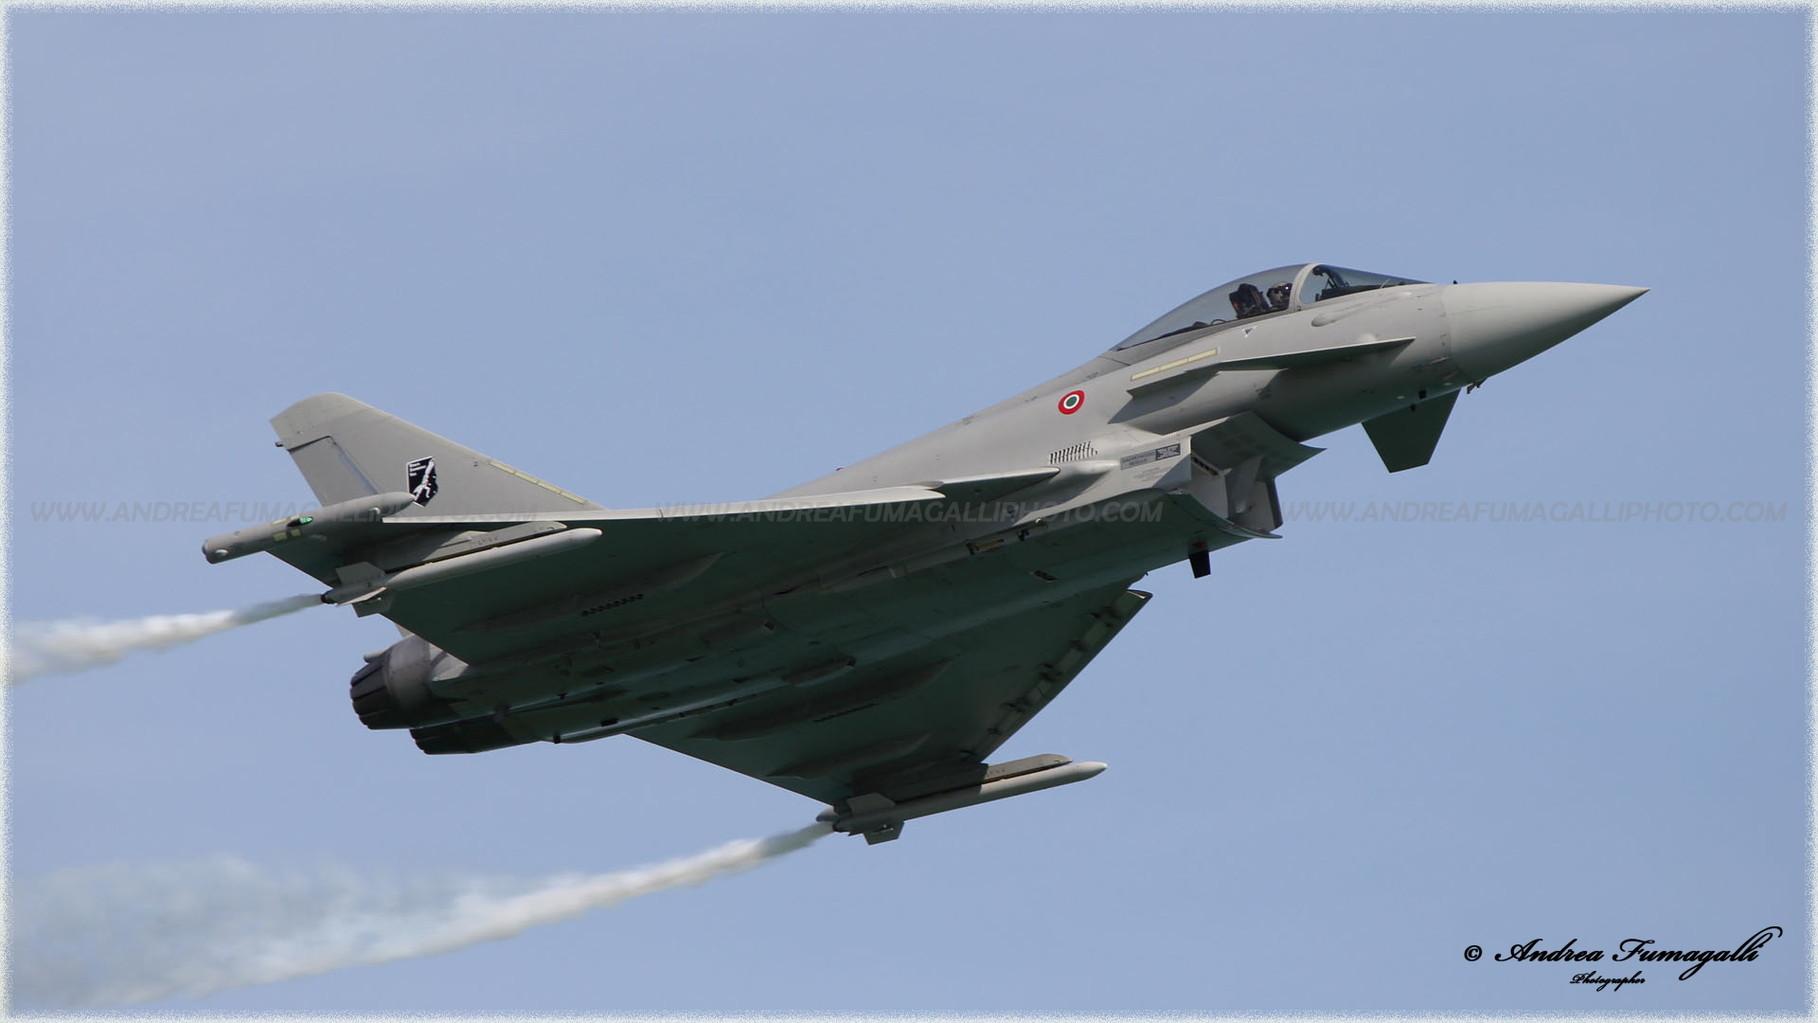 Aerei Da Caccia Di Ultima Generazione : Eurofighter typhoon aeronautica militare la fotografia